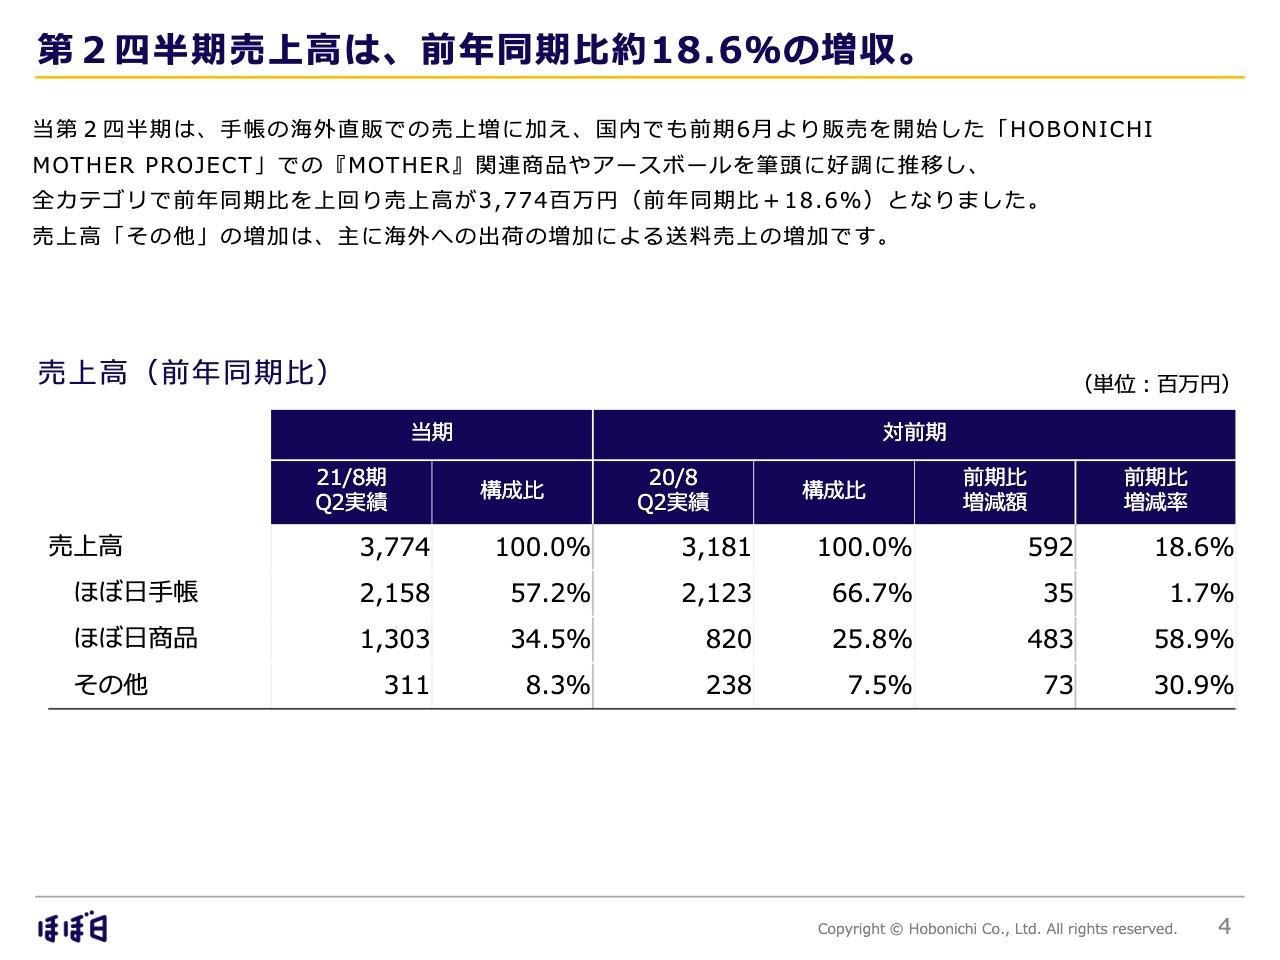 ほぼ日、2Qの売上高は前年比約18.6%の増収 手帳の海外直販の売上増や「MOTHER」関連商品等が売上に寄与